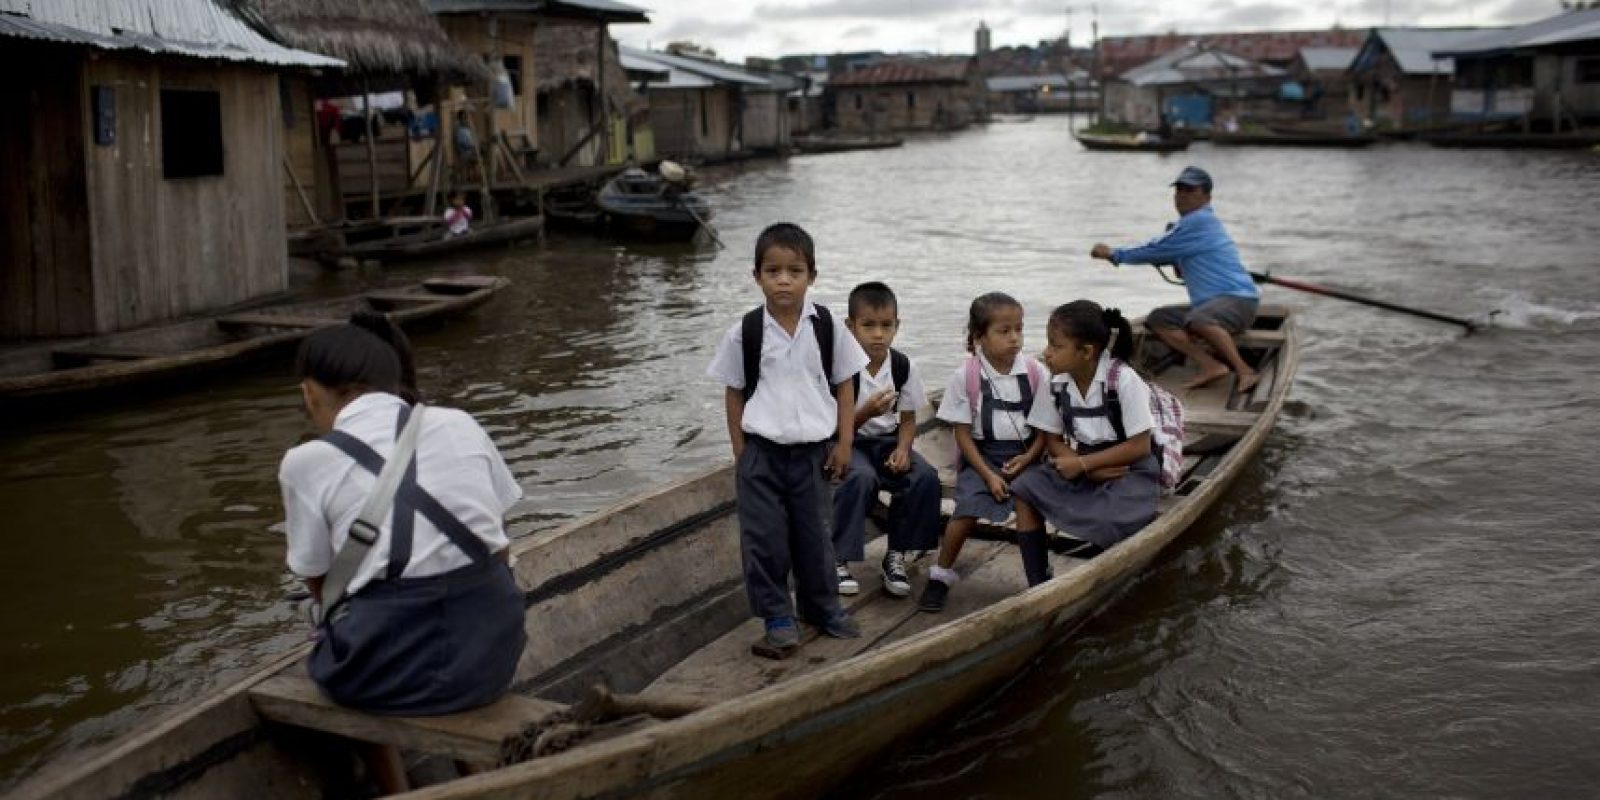 """En esta imagen del 20 de abril de 2015, estudiantes llegan en bote a la escuela de San Francisco en Belén, una empobrecida comunidad peruana conocida como """"Venecia de la jungla"""" en Iquitos, Perú. La población vive la mitad del año inundada, con canoas en lugar de taxis motocicleta como medio de transporte preferido. Los jóvenes nadan en los mismos lugares donde jugaban al fútbol los otros seis meses del año. Foto:AP/ Rodrigo Abd"""